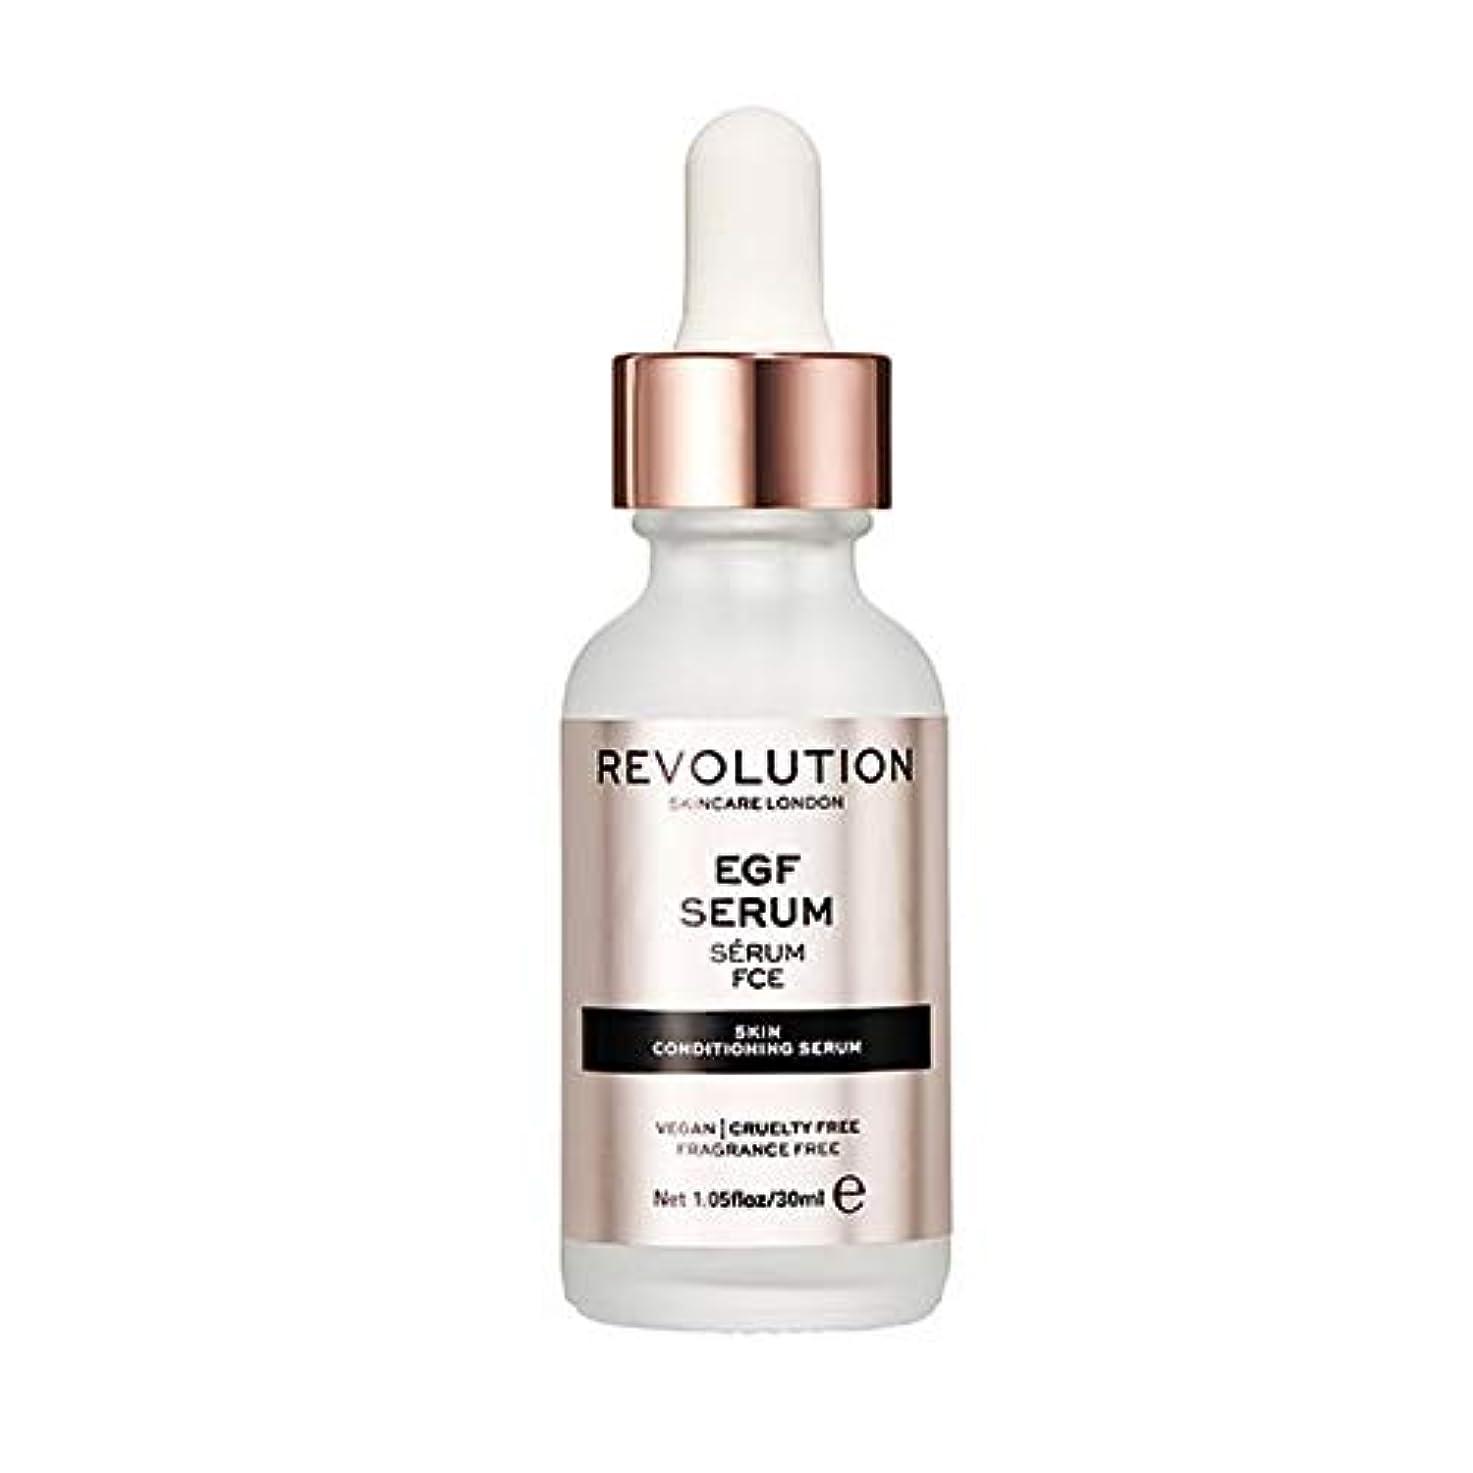 すき震え注入[Revolution] 革命スキンケア皮膚コンディショニング血清 - Egf血清 - Revolution Skincare Skin Conditioning Serum - EGF Serum [並行輸入品]